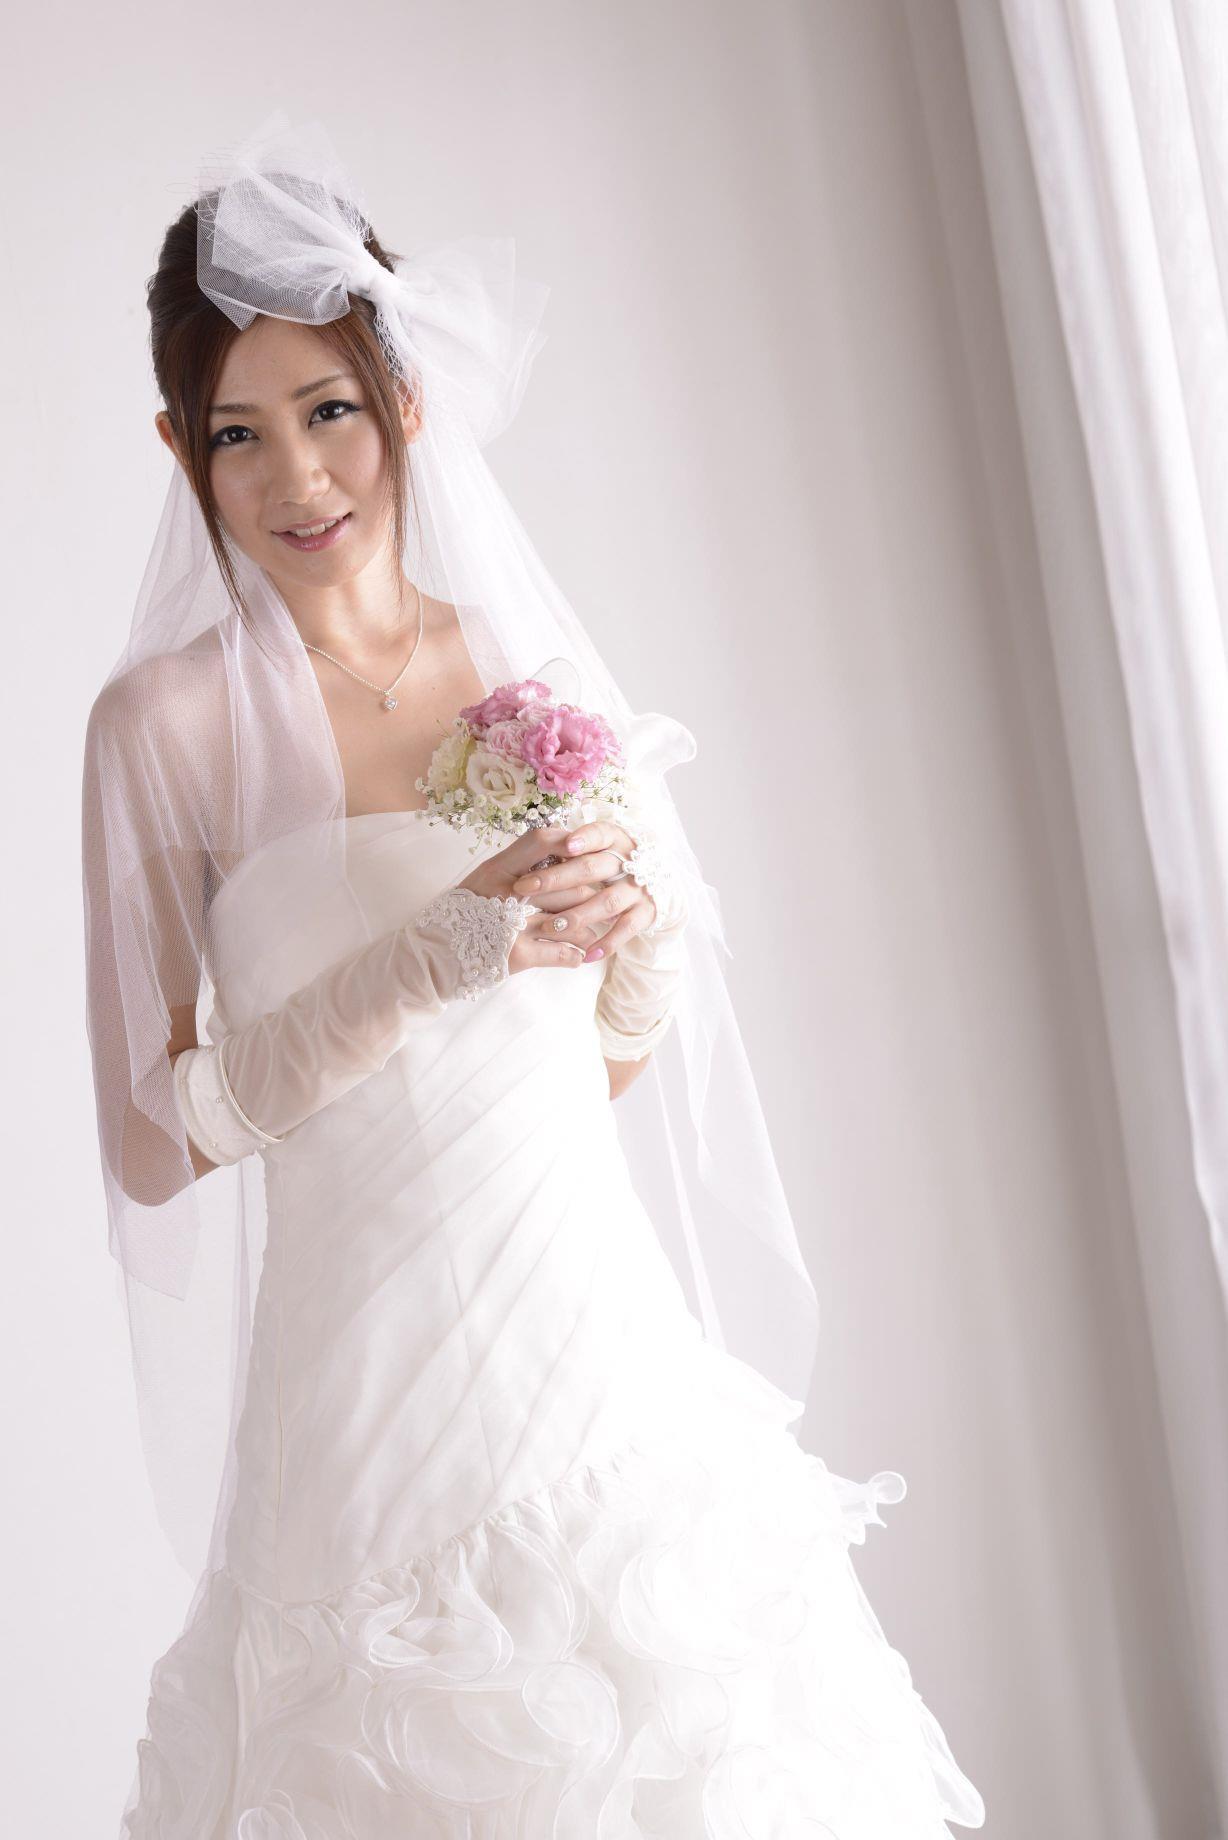 前田かおり ウェディングドレス画像 13